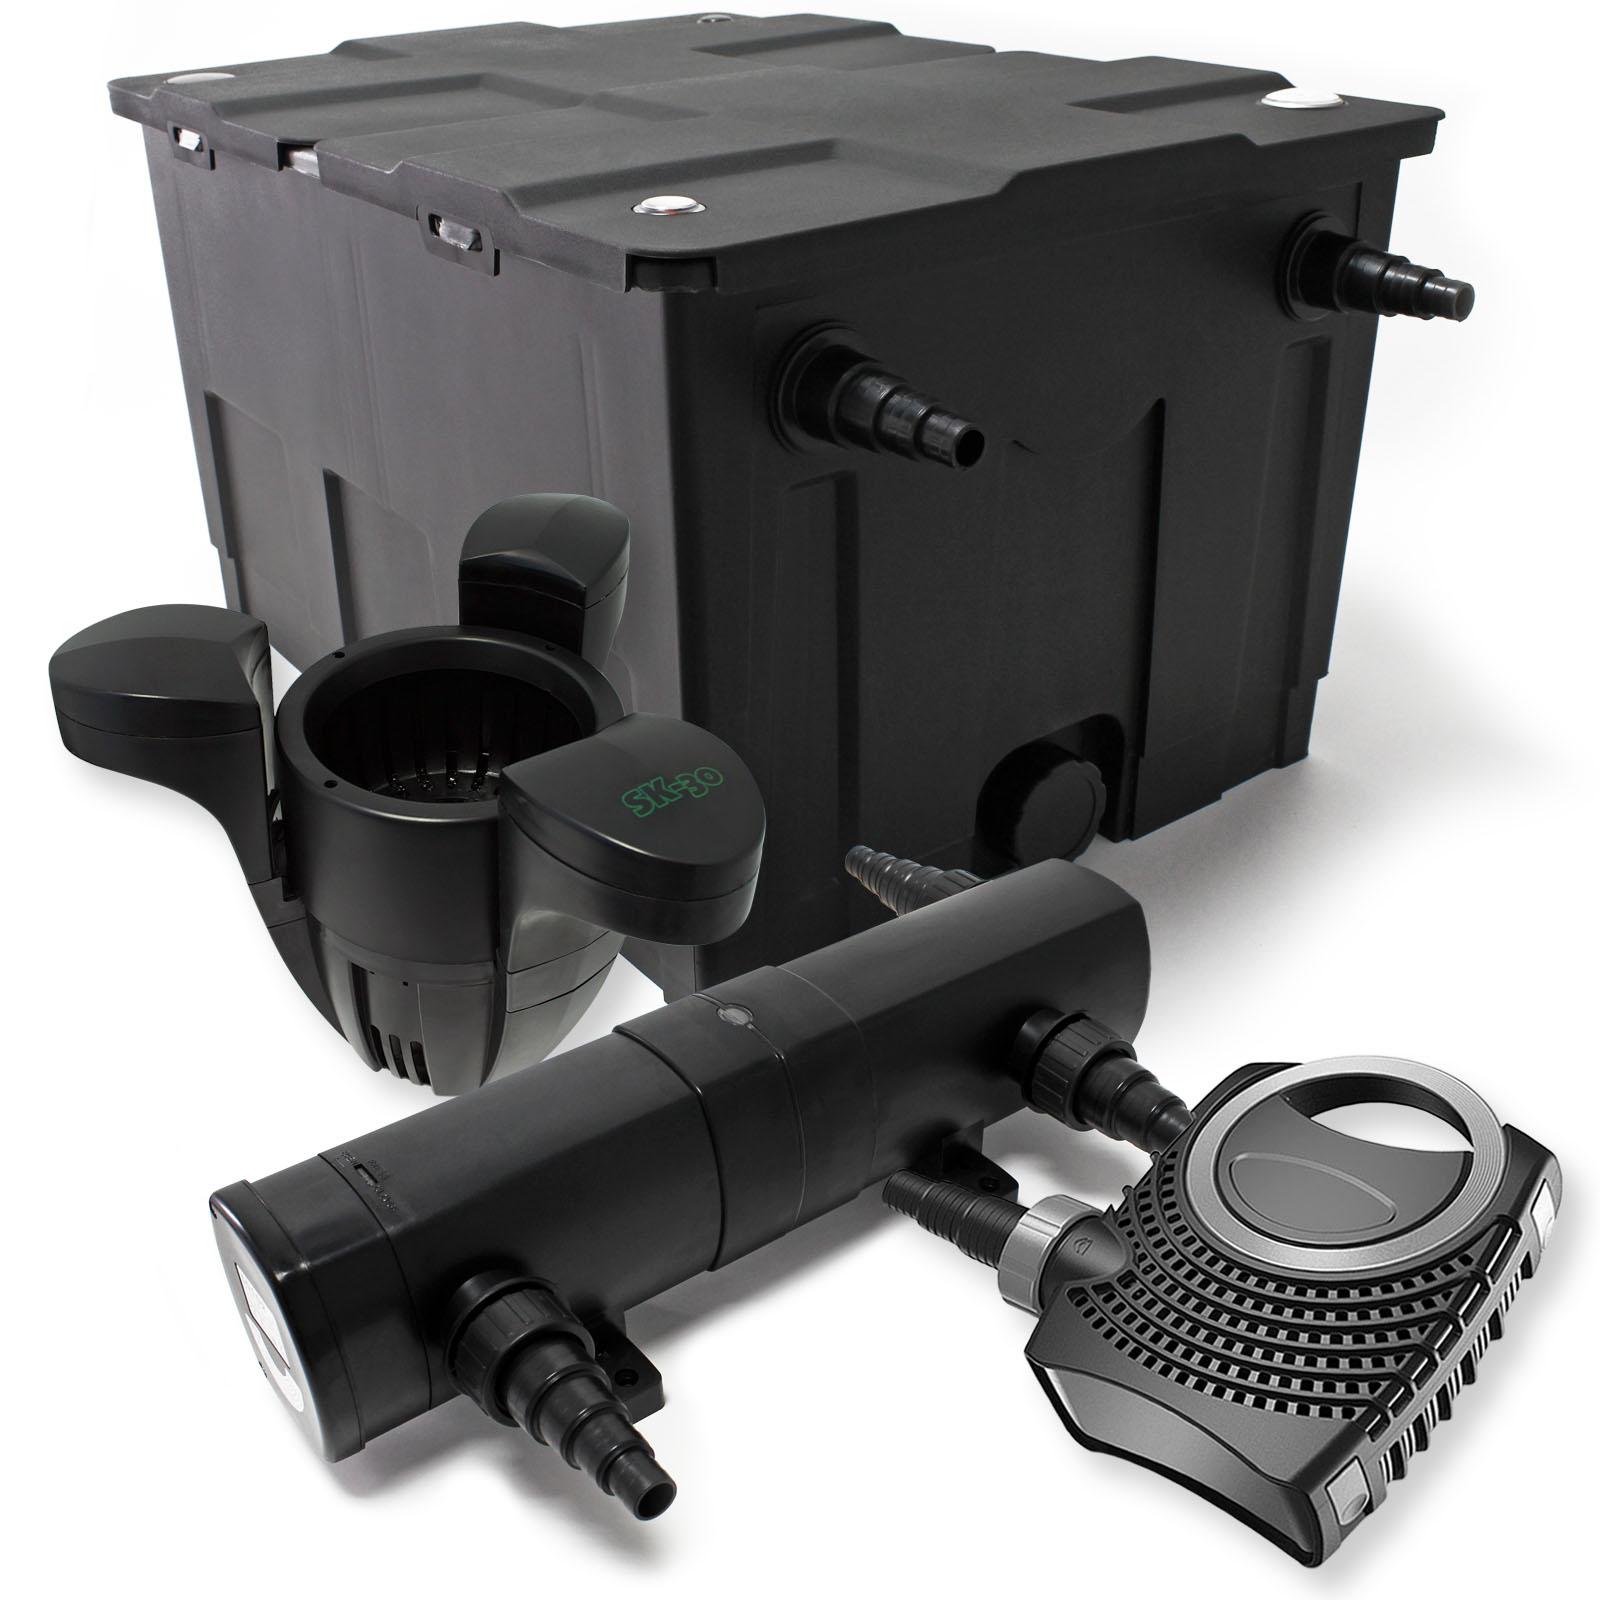 set teichfilter 60000l 18w uvc kl rer 115w pumpe skimmer 584 ebay. Black Bedroom Furniture Sets. Home Design Ideas